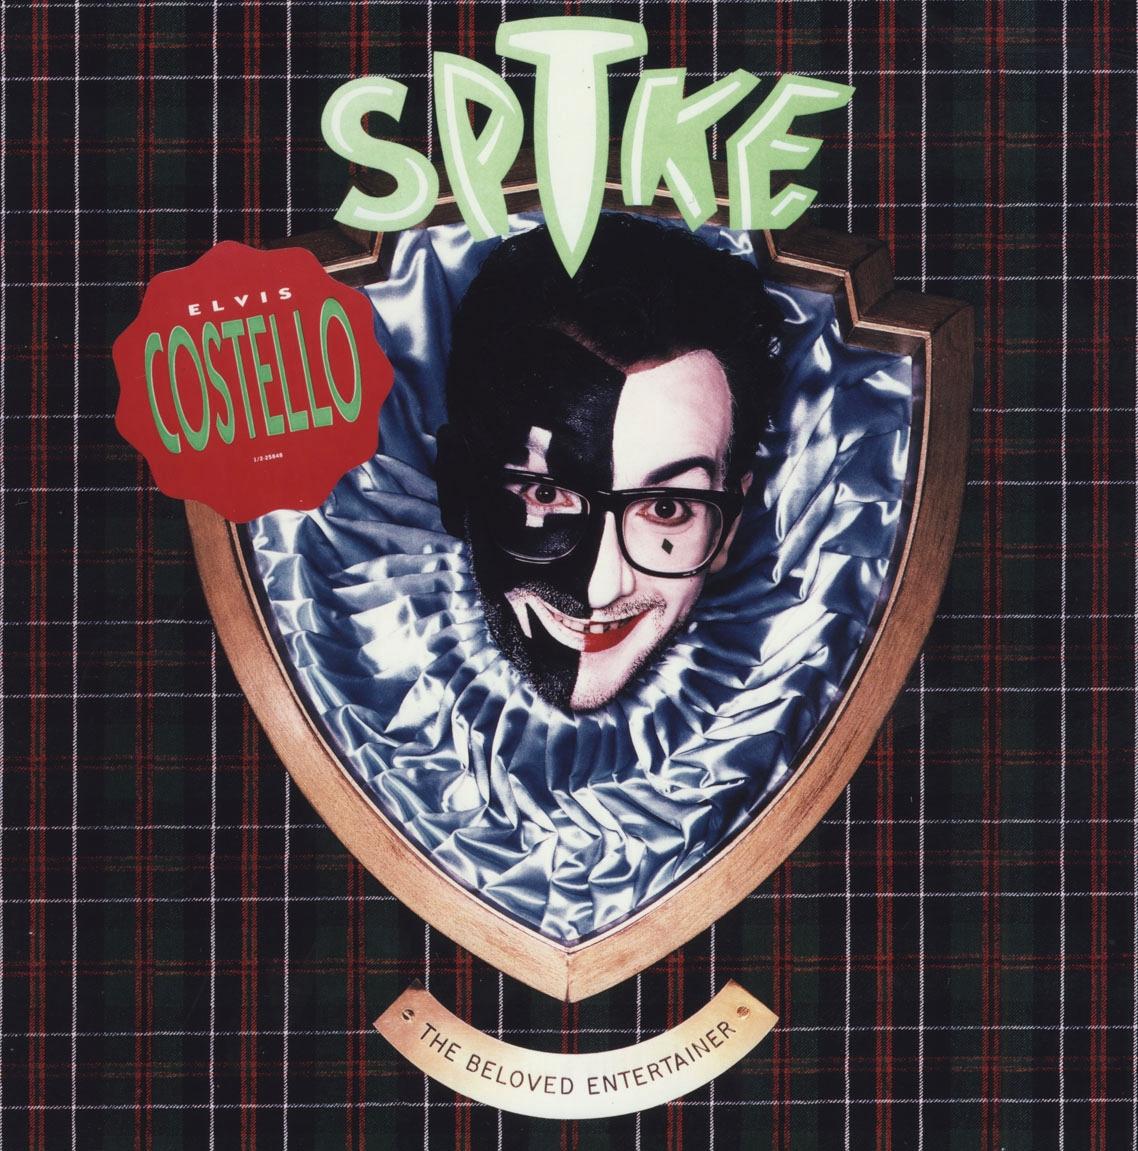 Elvis Costello Spike (the Beloved Entertainer)